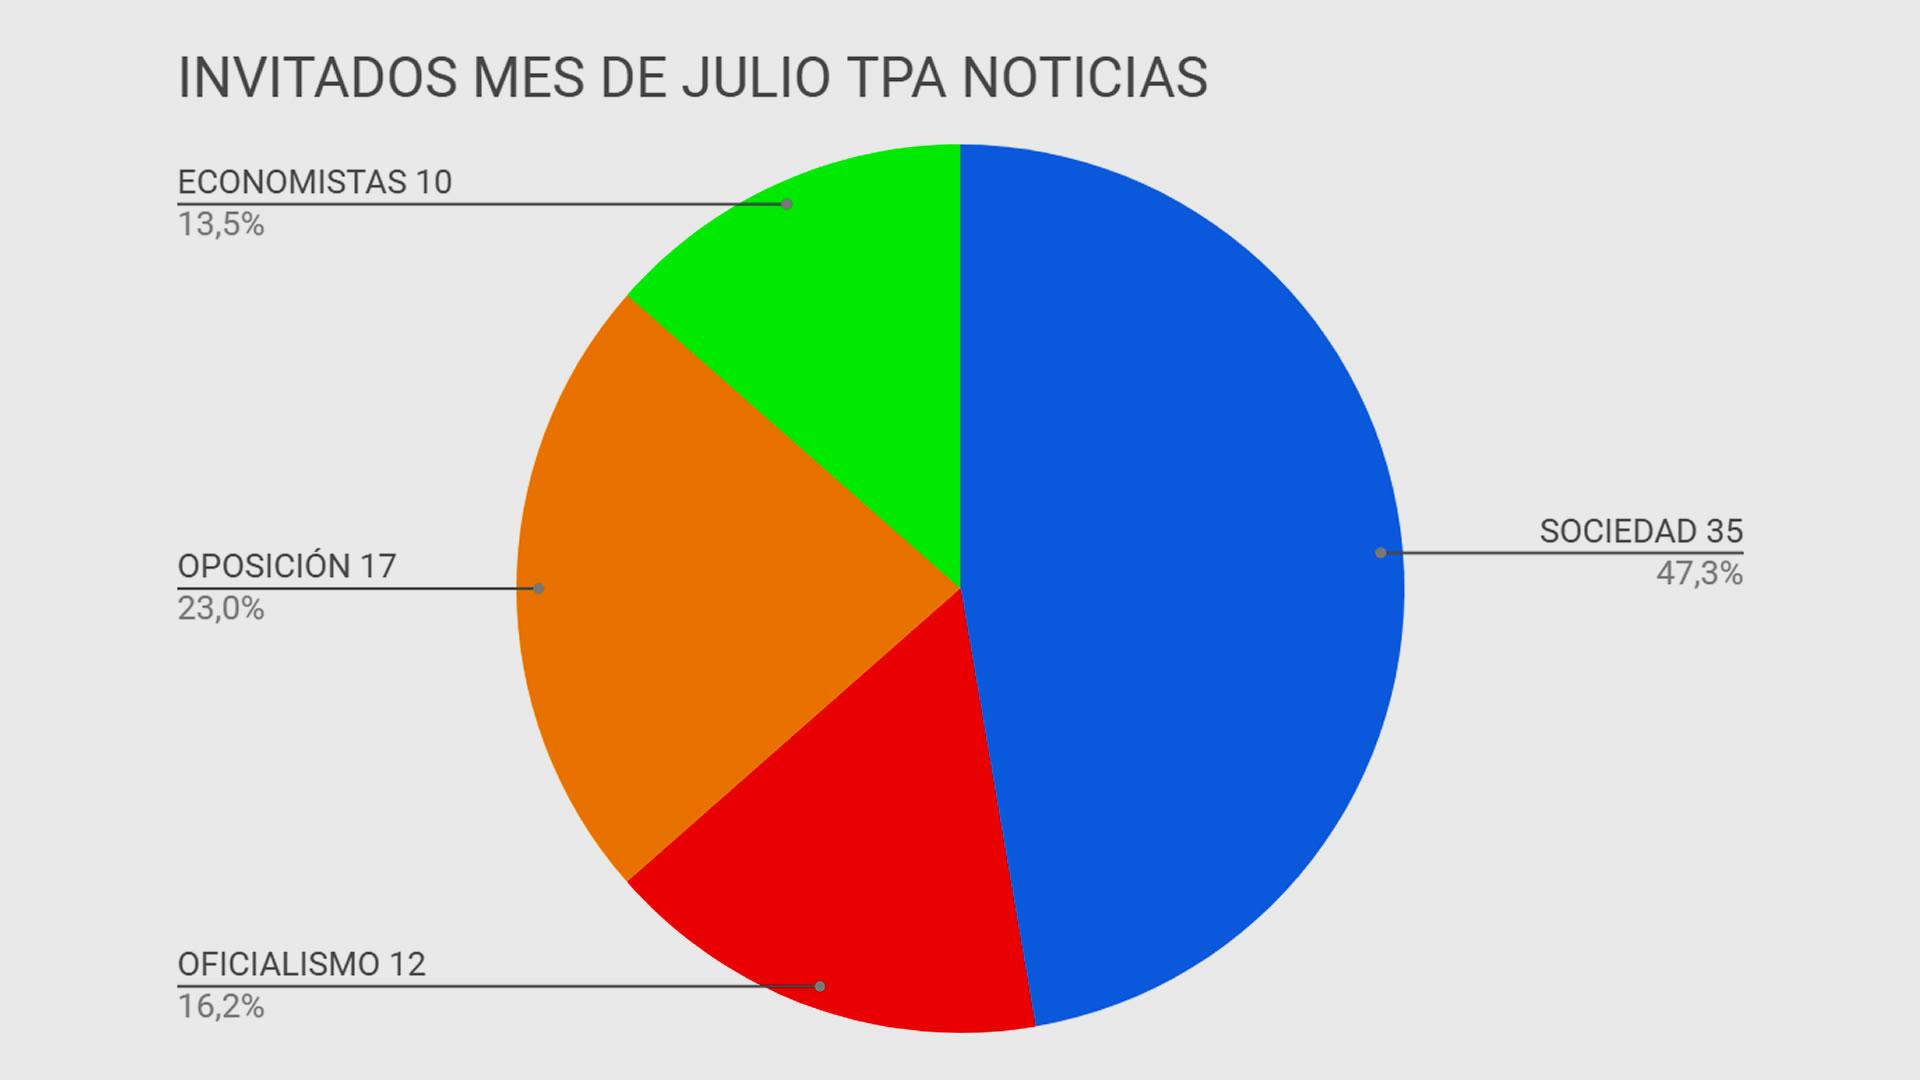 La pluralidad de voces en #TPANoticias durante julio